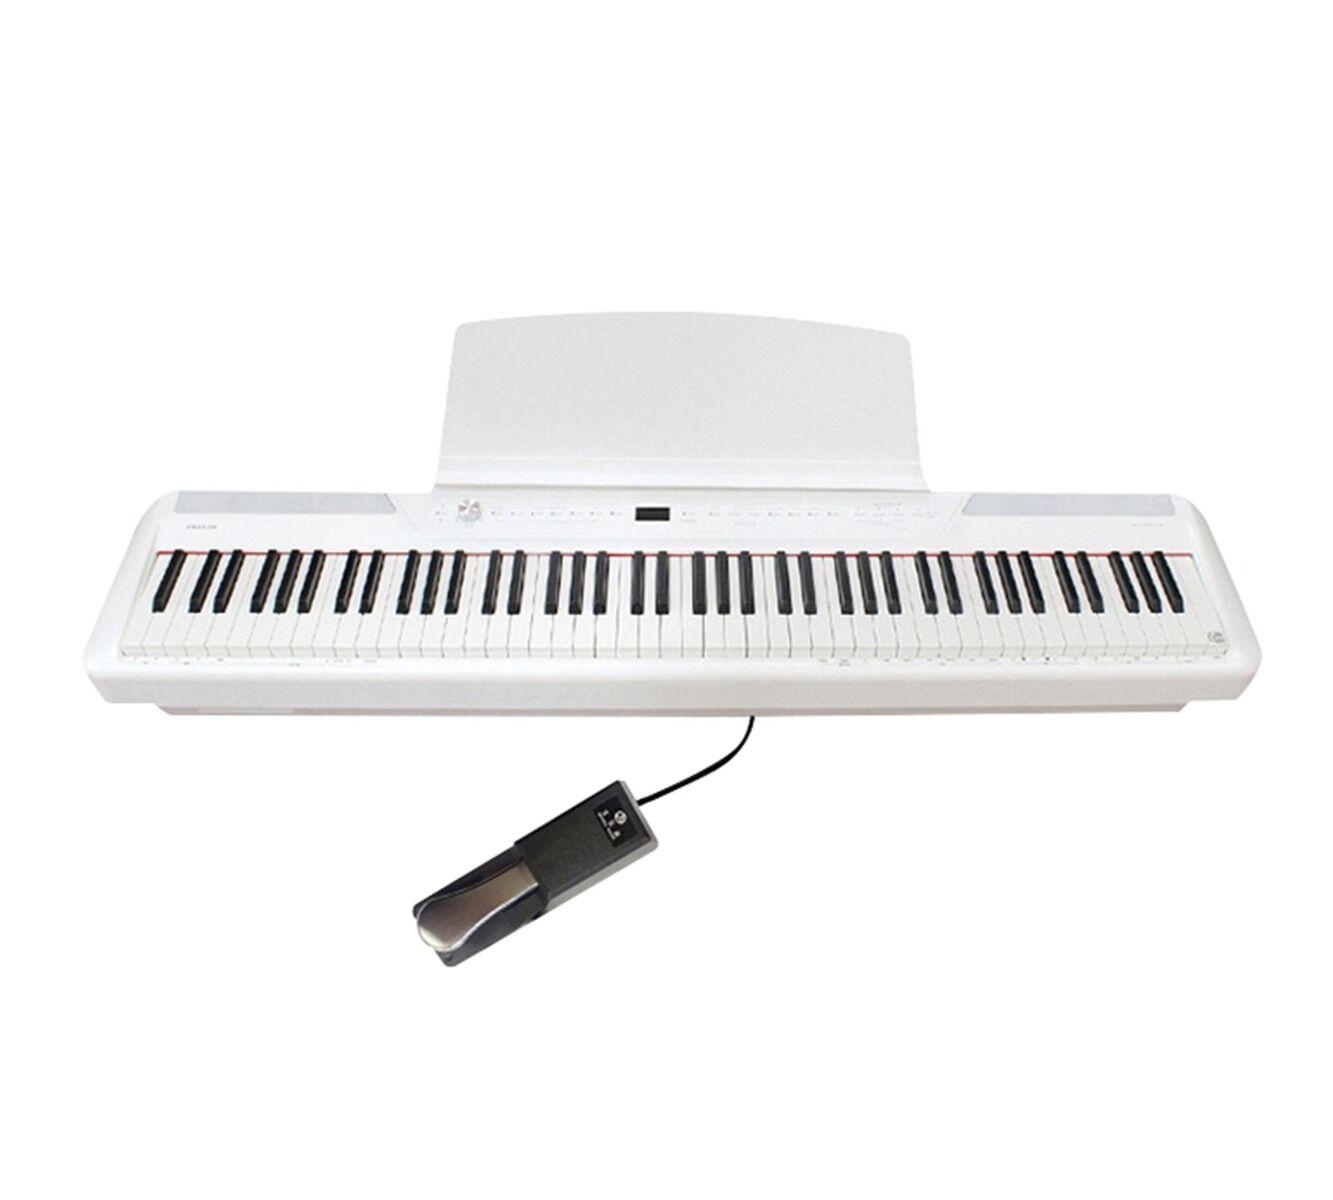 PearlRiver Pearl River P-200 Digital Piano Hvid